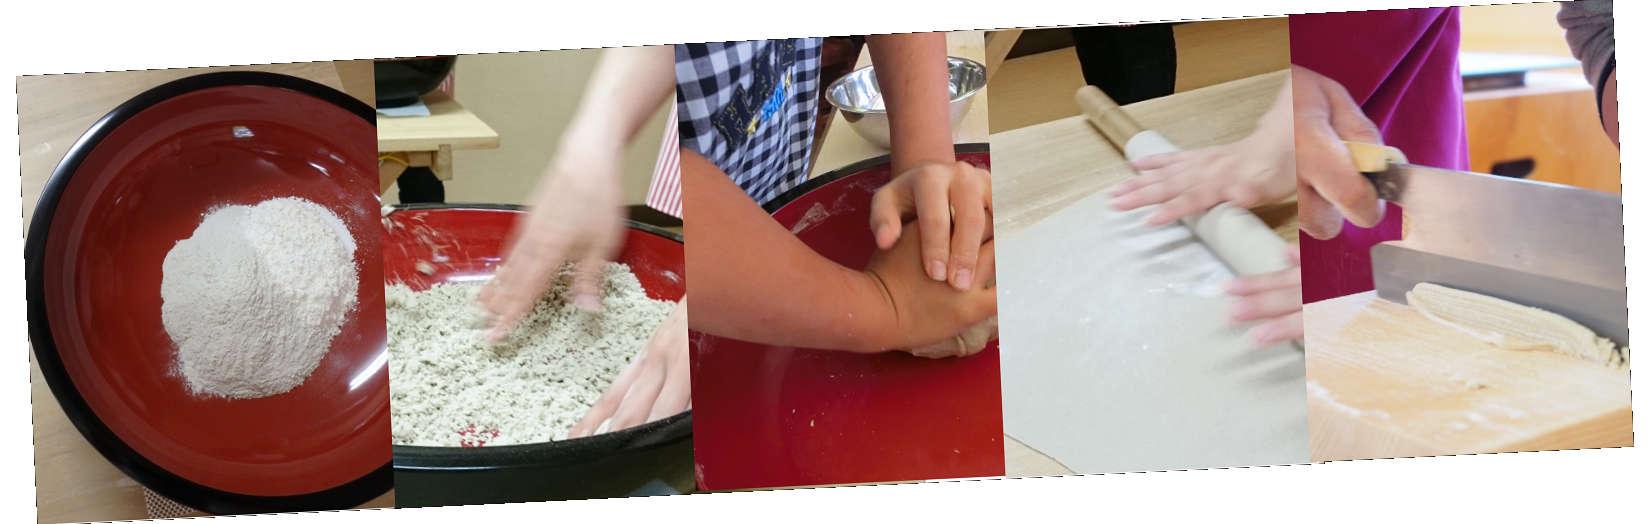 手作り食品キット特集のイメージ画像